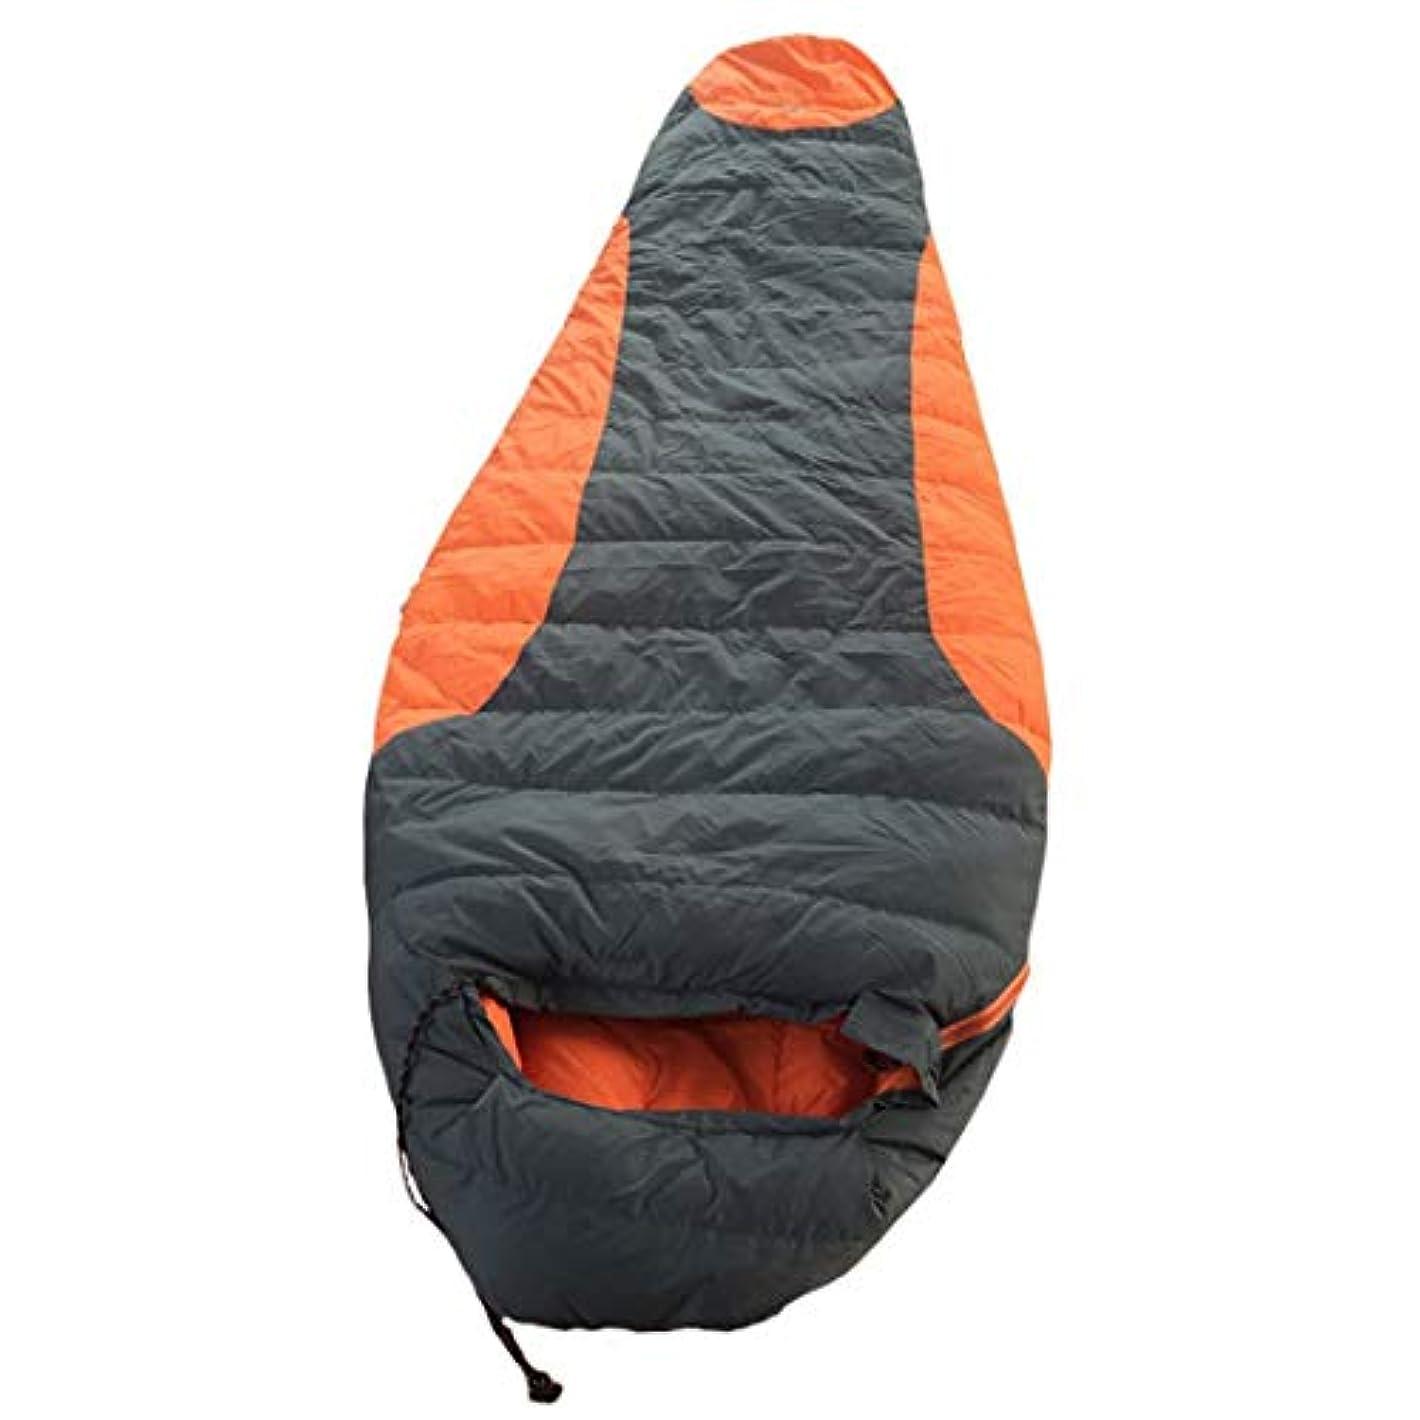 機関不快幸福CUBCBIIS 屋外用多機能で便利な軽量、大人&子供用防水 - キャンプ用品寝袋 (Color : オレンジ)